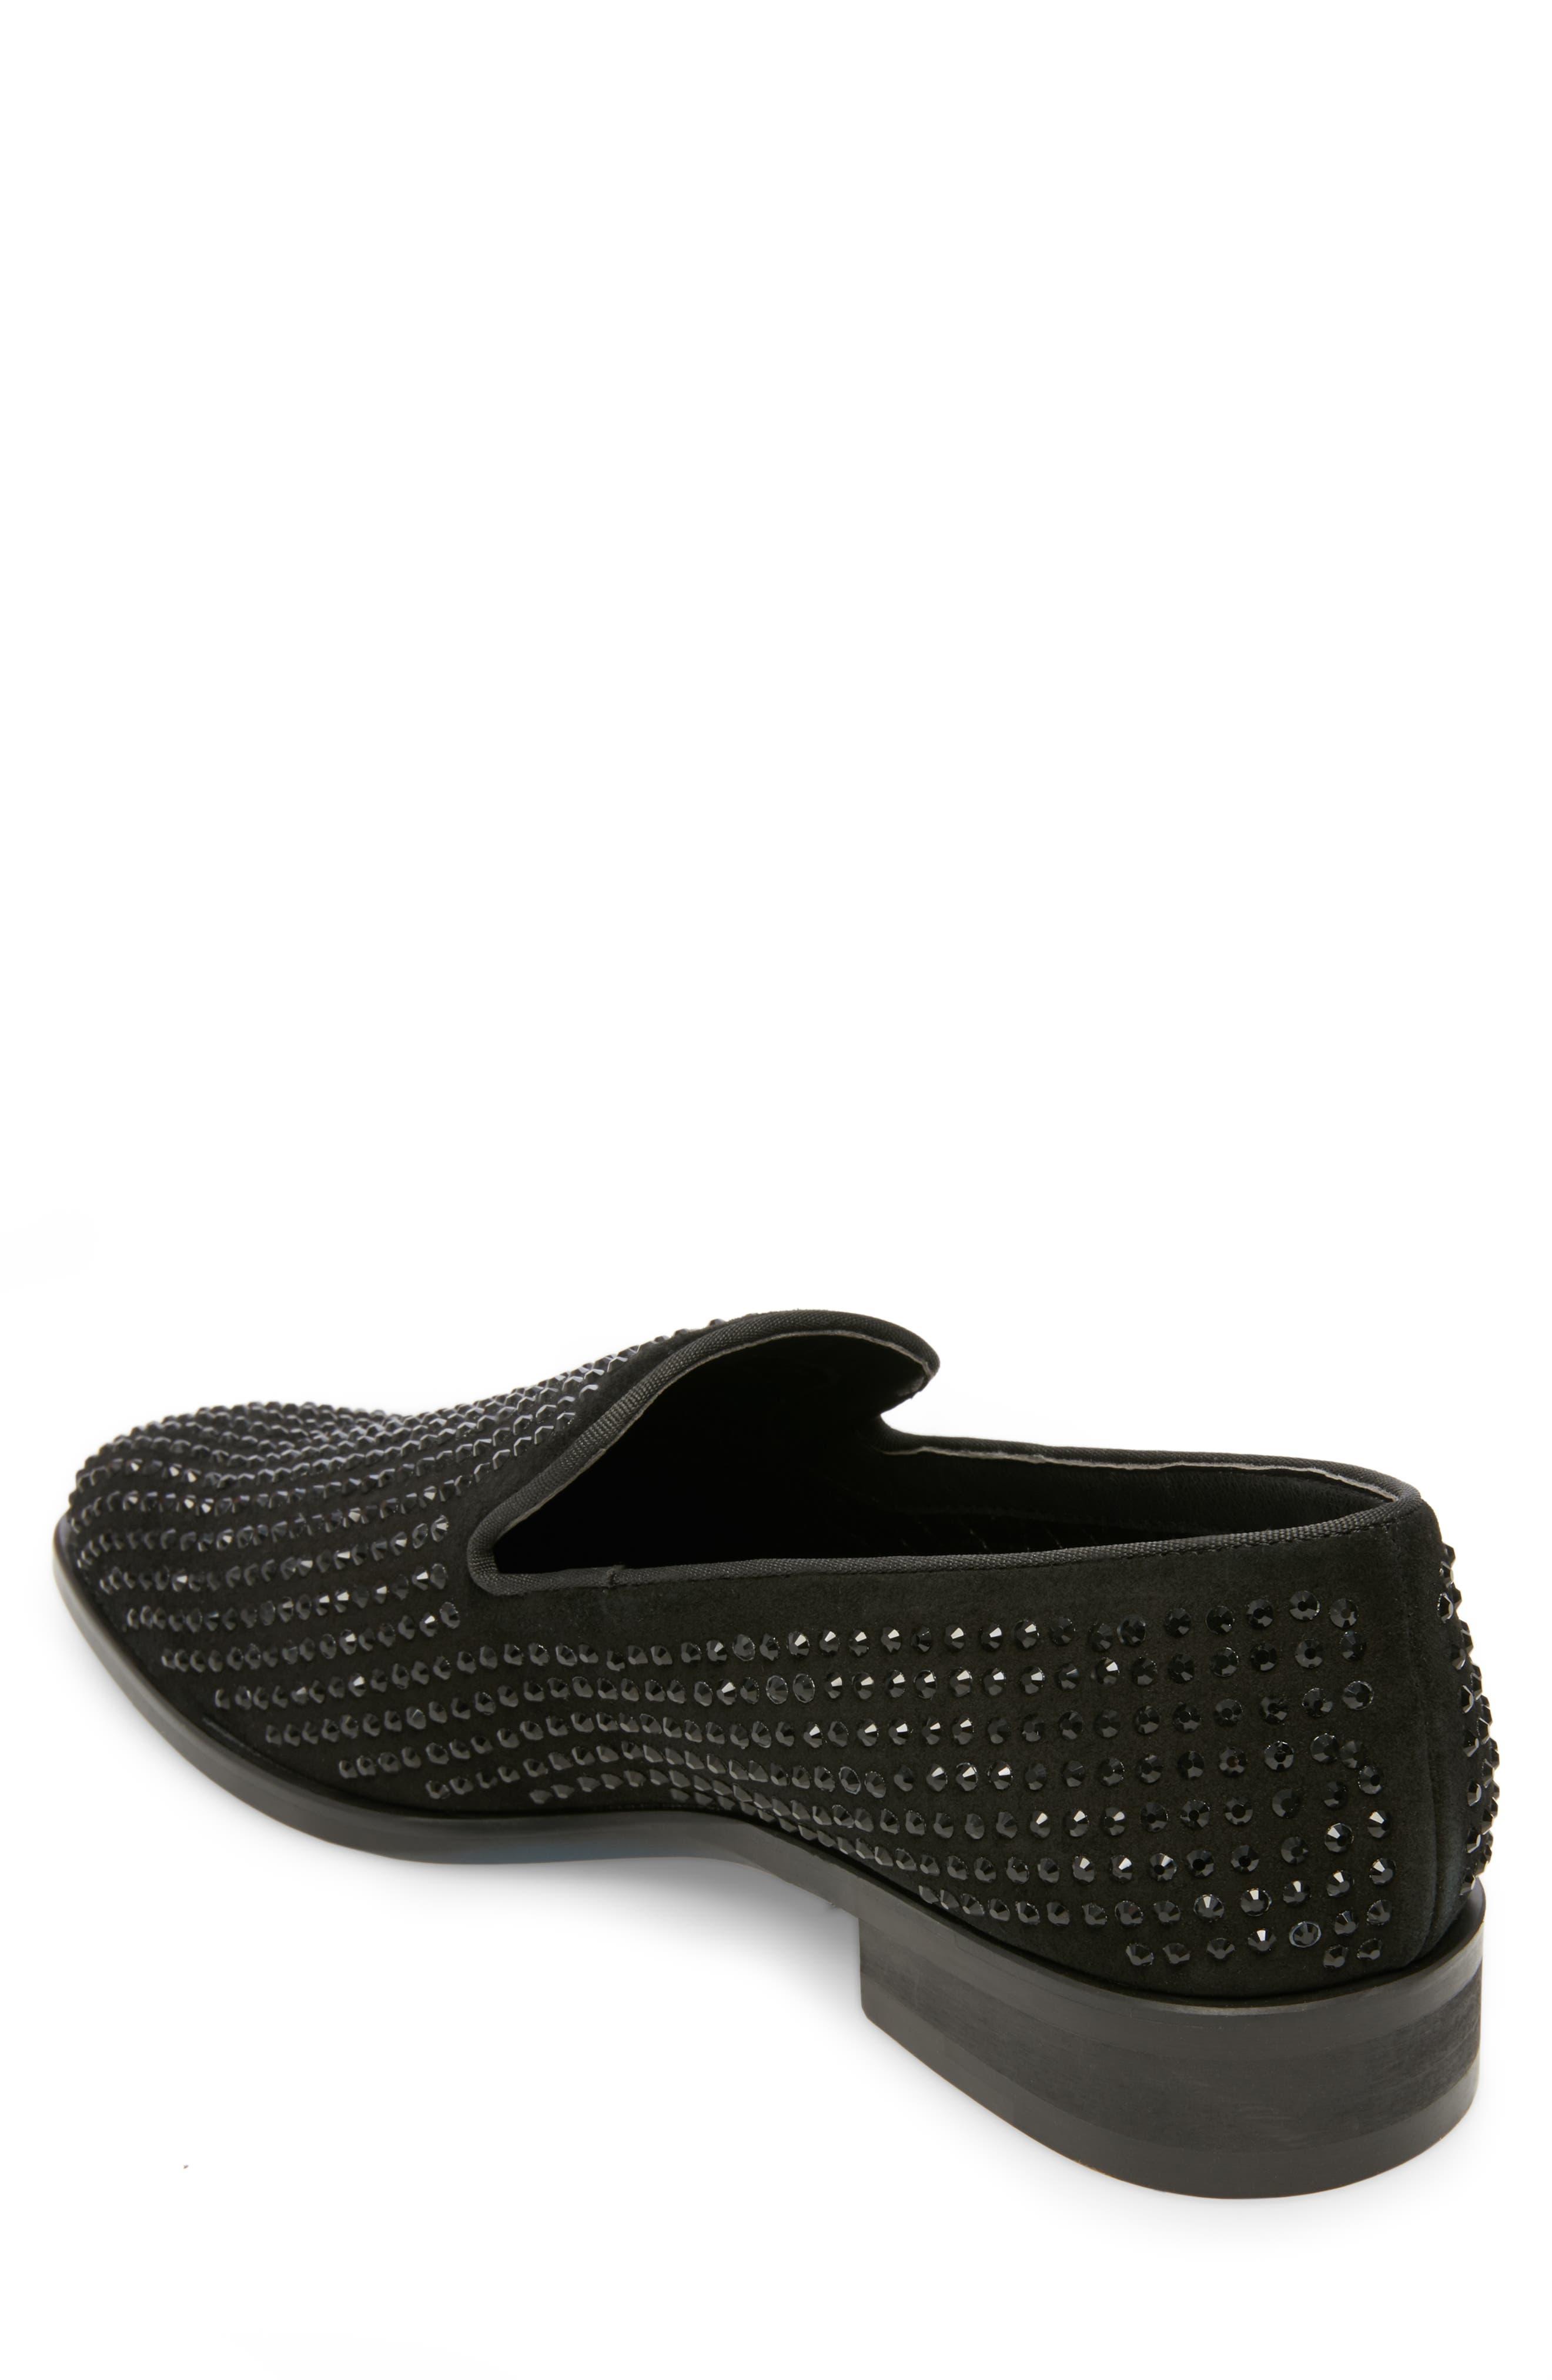 Falsetto Studded Venetian Loafer,                             Alternate thumbnail 2, color,                             BLACK